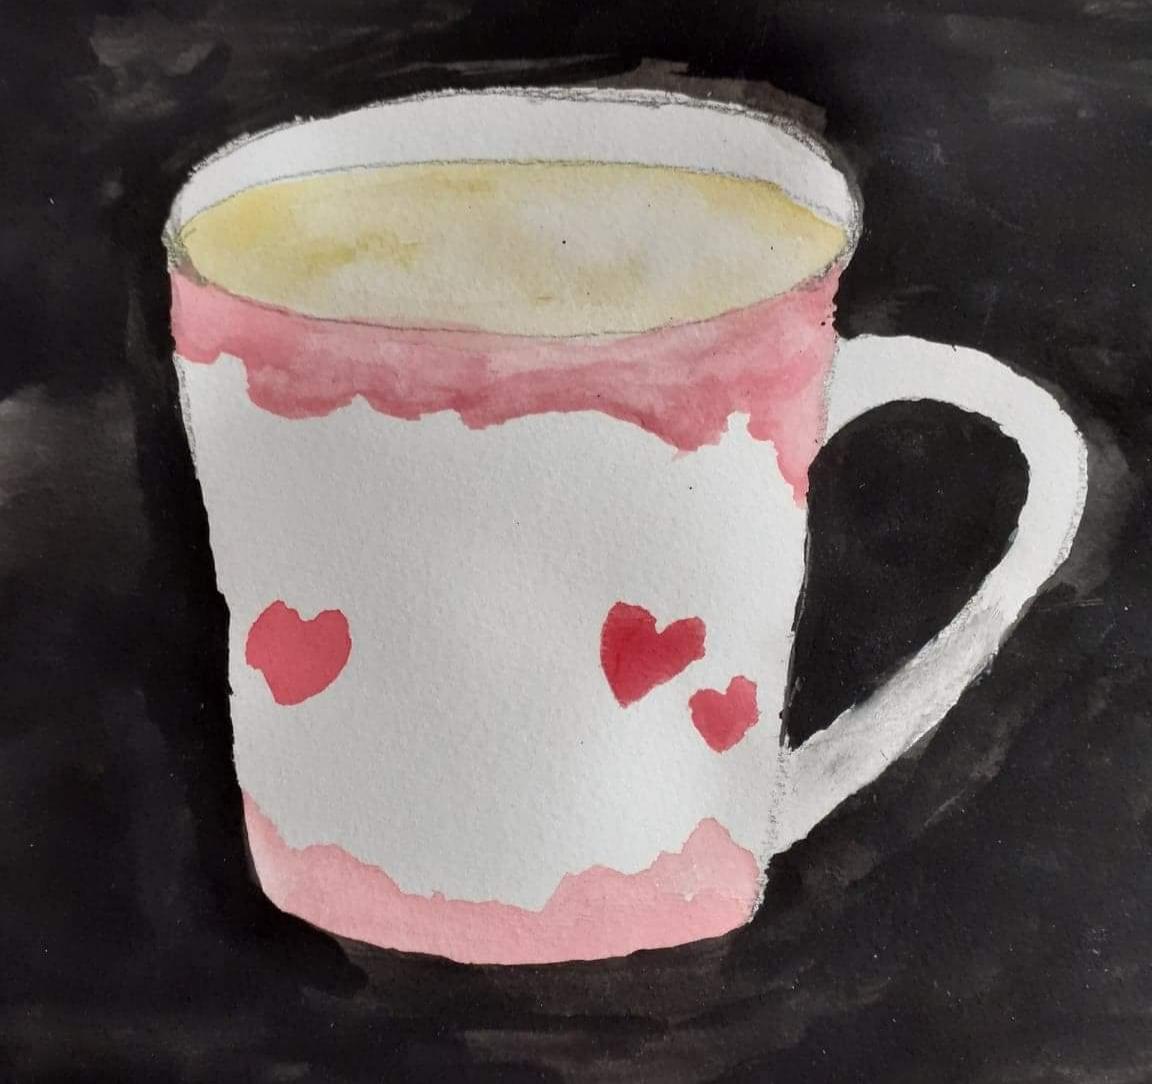 En bild i akvarell. Motivet är en kopp med hjärtan och rosa skiftningar, mot en svart bakgrund